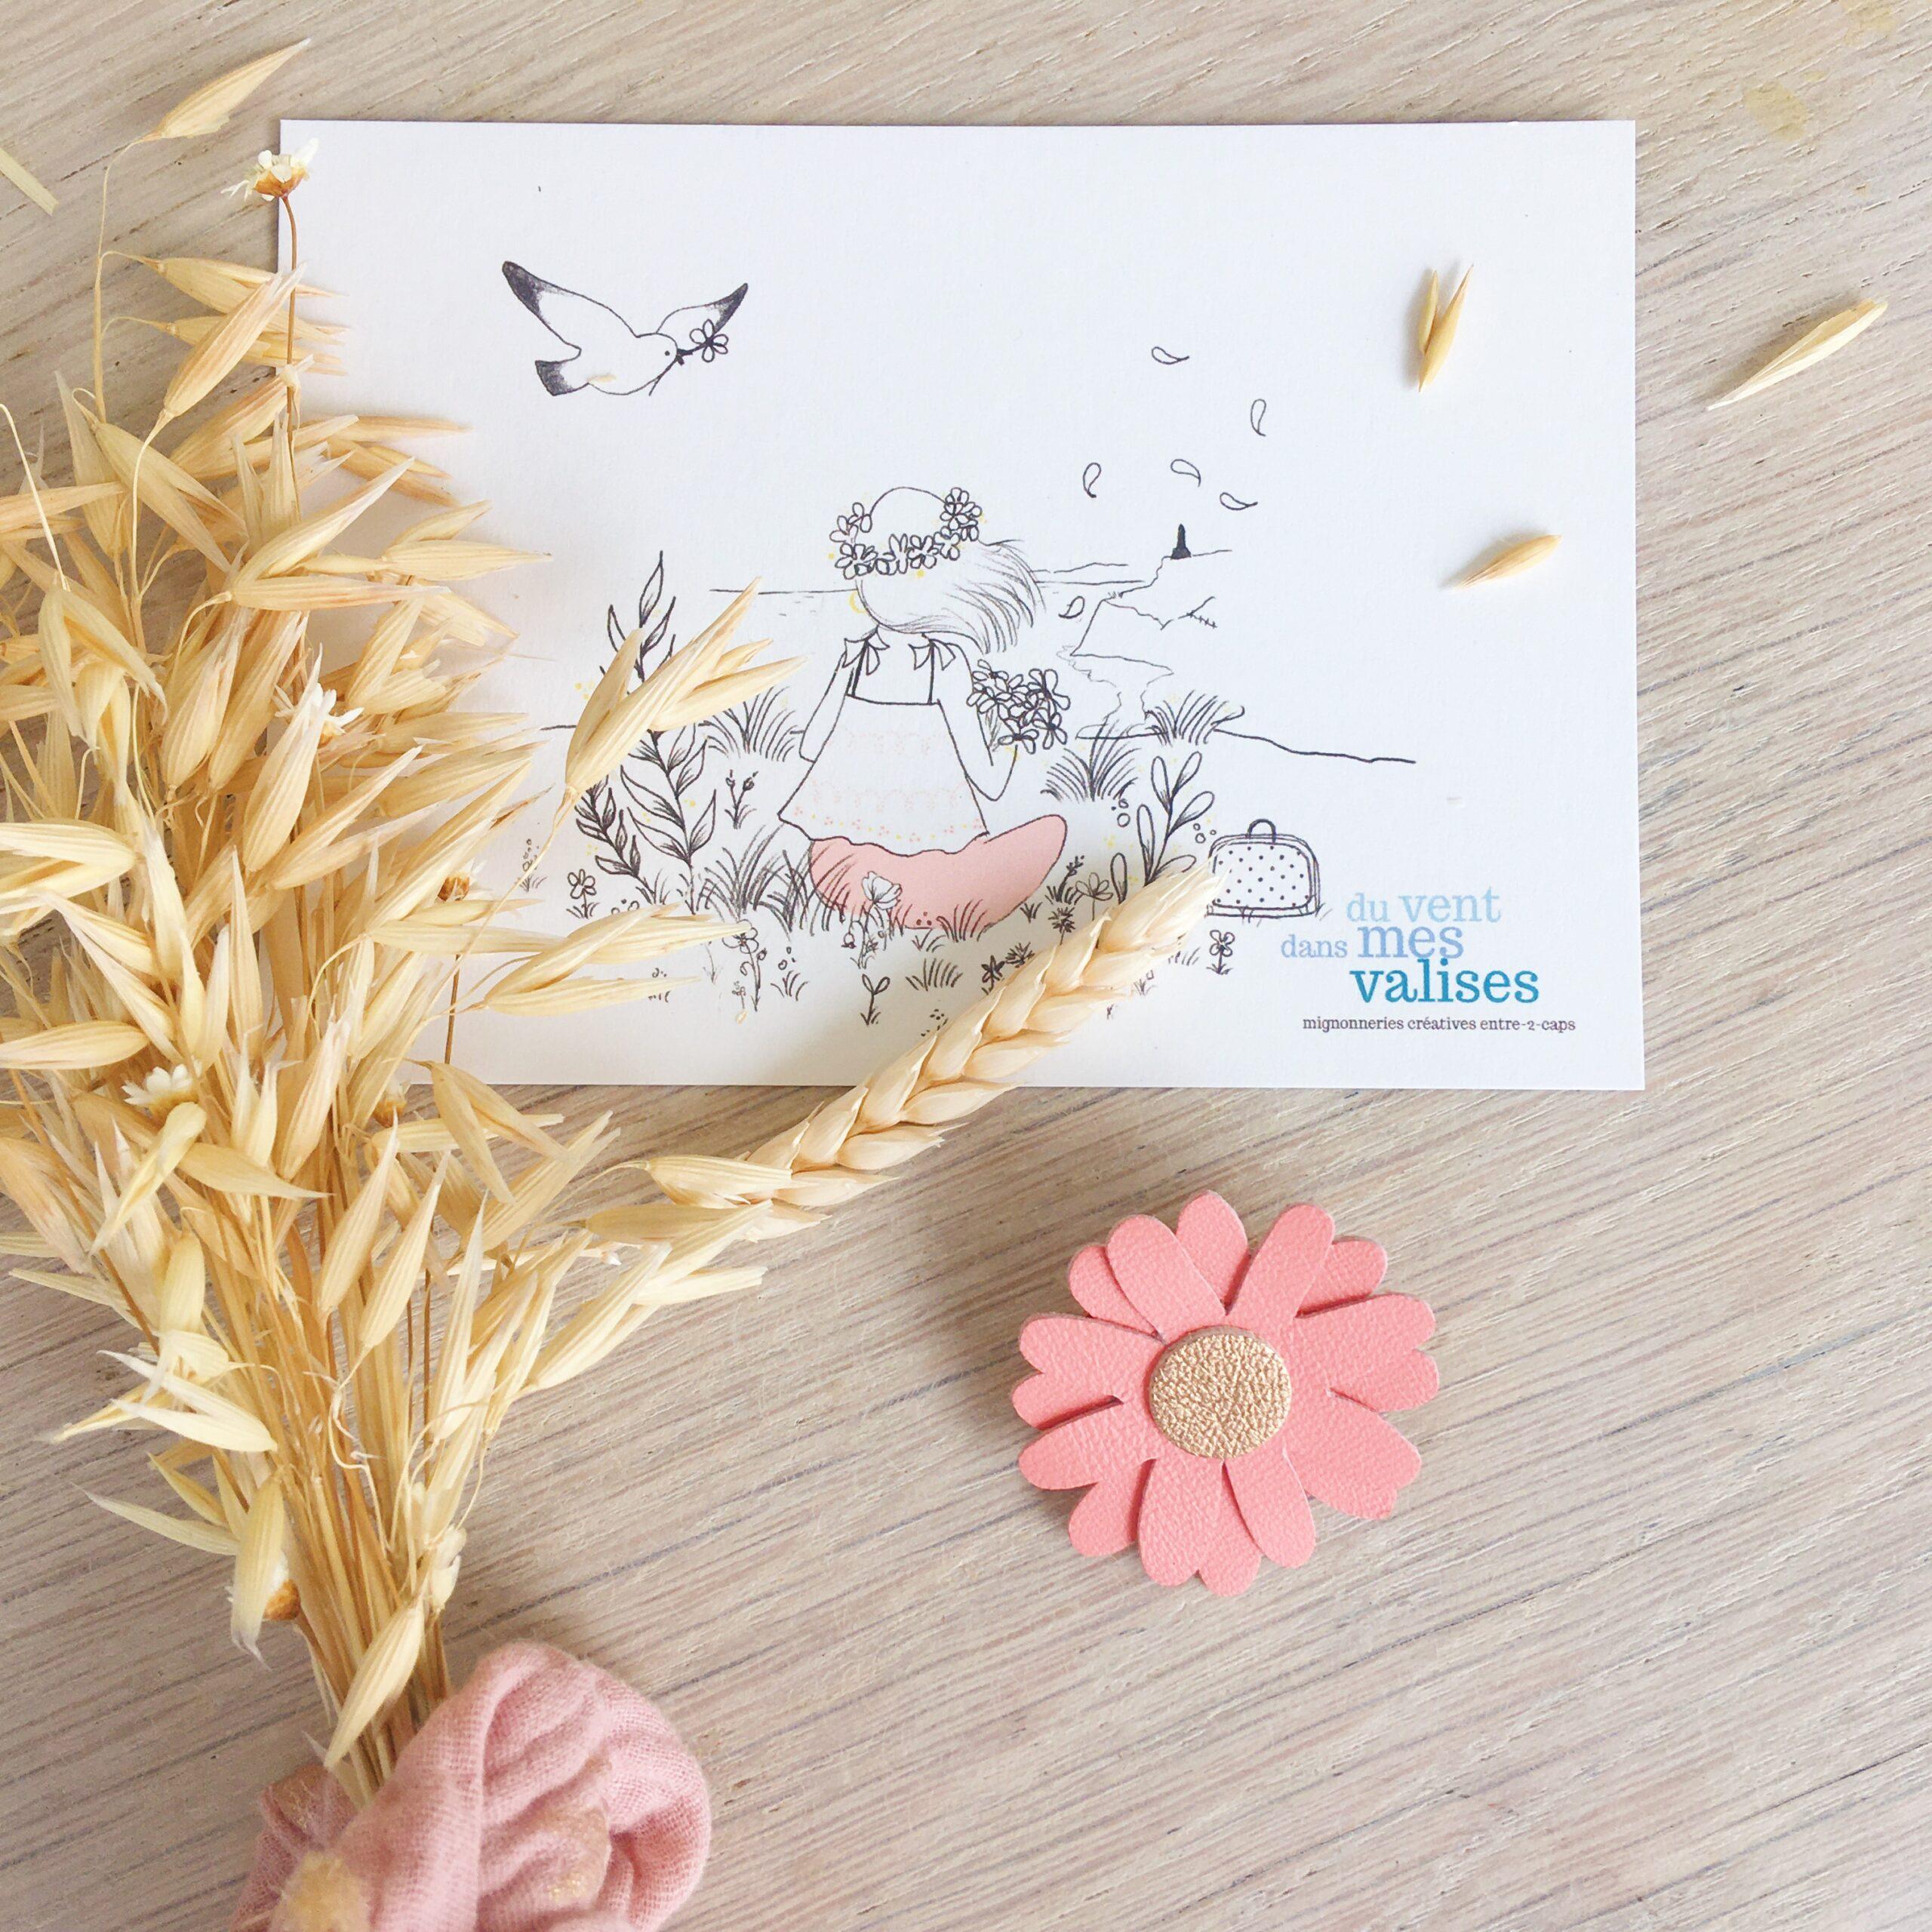 broche fleurie bohème chic marguerite échinacée argile rose en cuir fabrication artisanale française - du vent dans mes valises